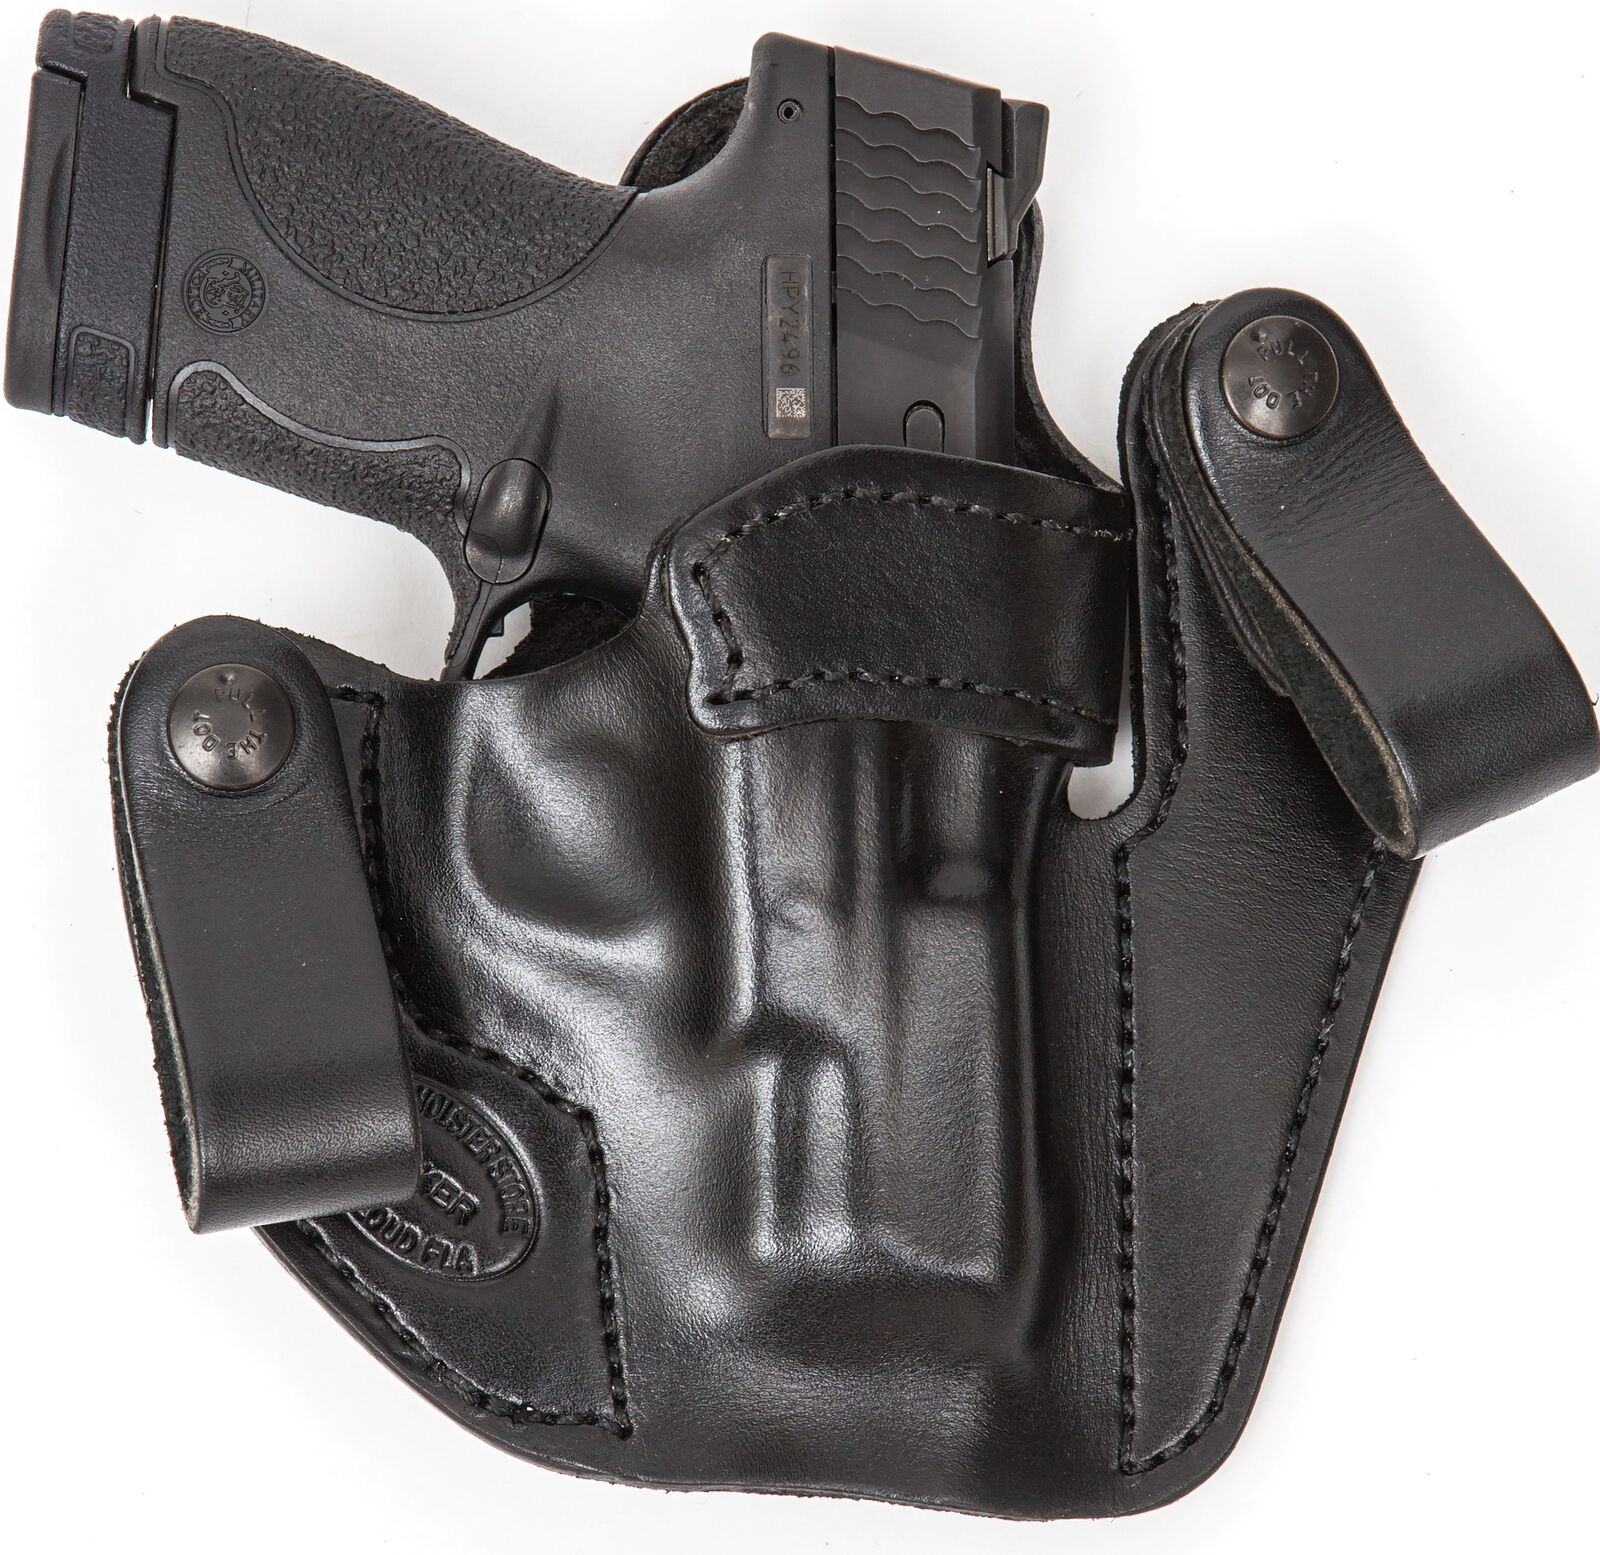 XTREME llevar RH LH dentro de la cintura de cuero Funda Pistola para Raven .25